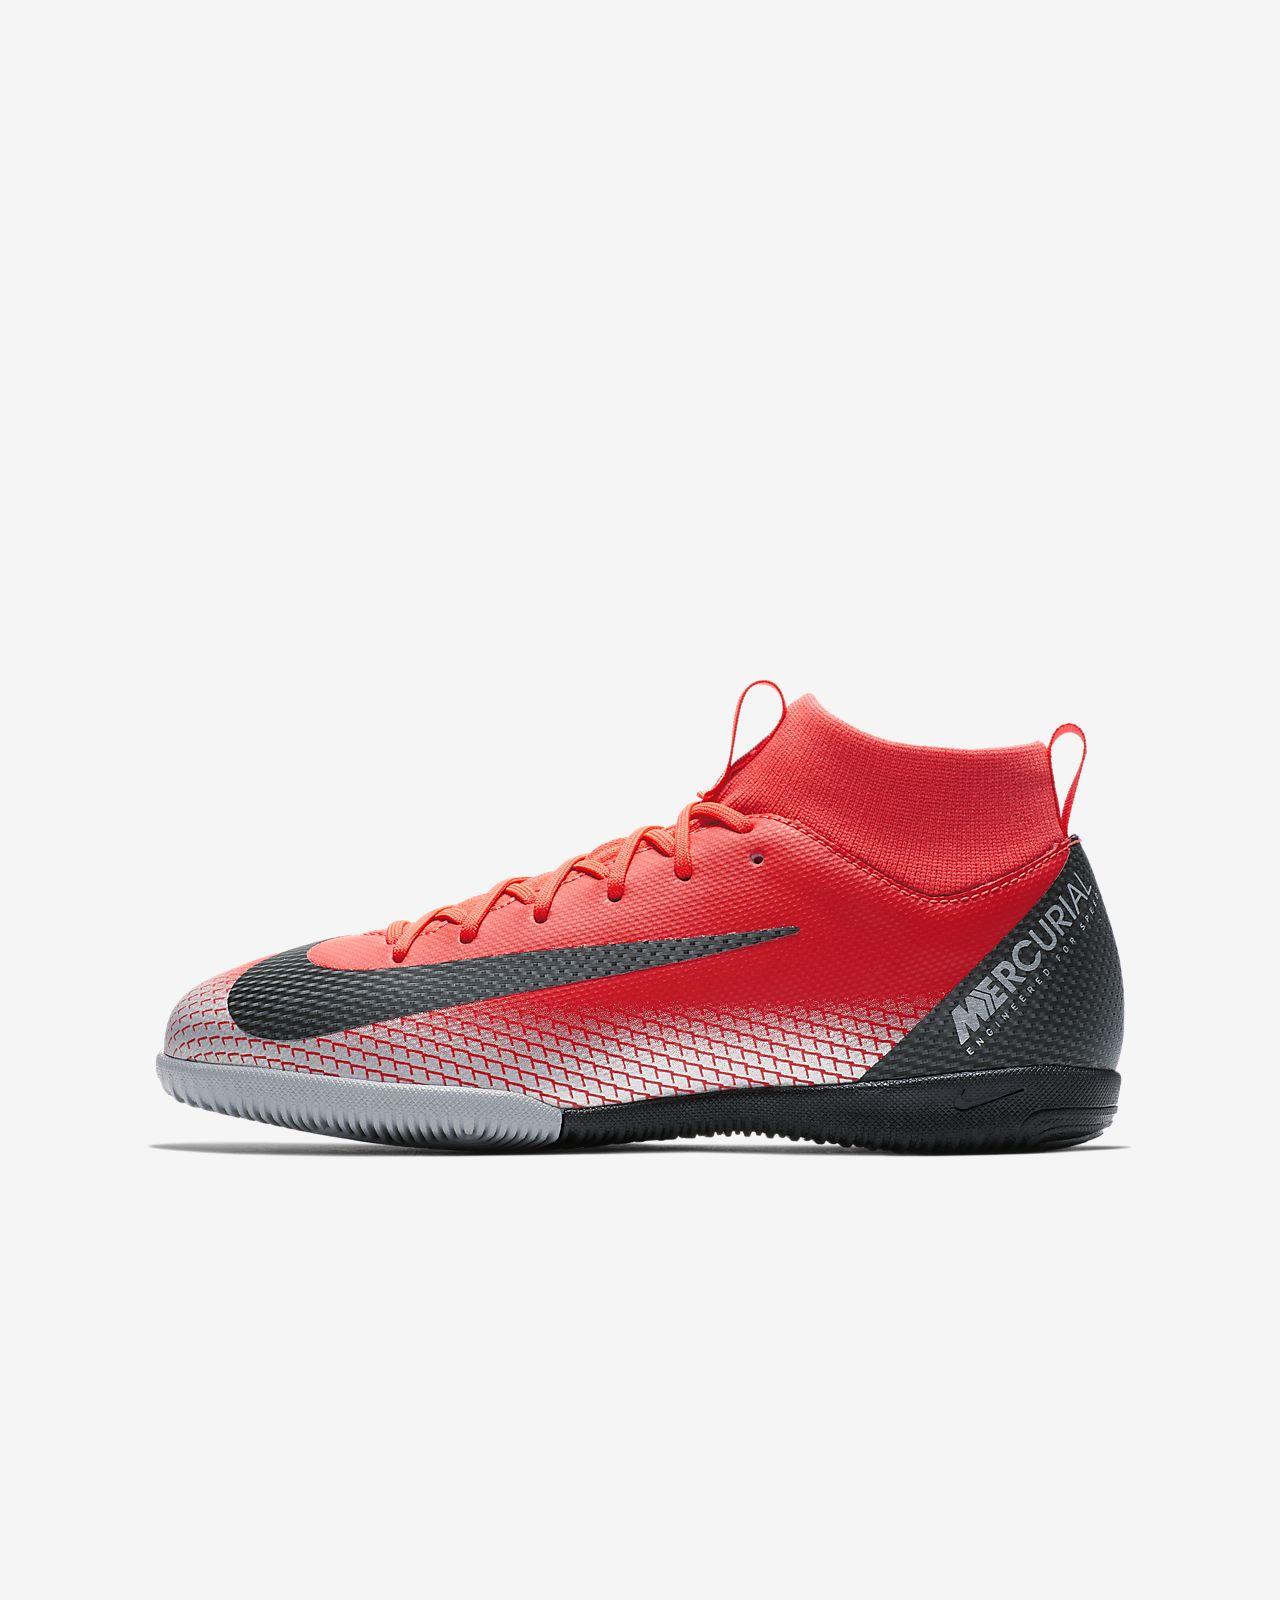 Nike Jr. SuperflyX 6 Academy IC-fodboldsko til små/store børn til indendørs